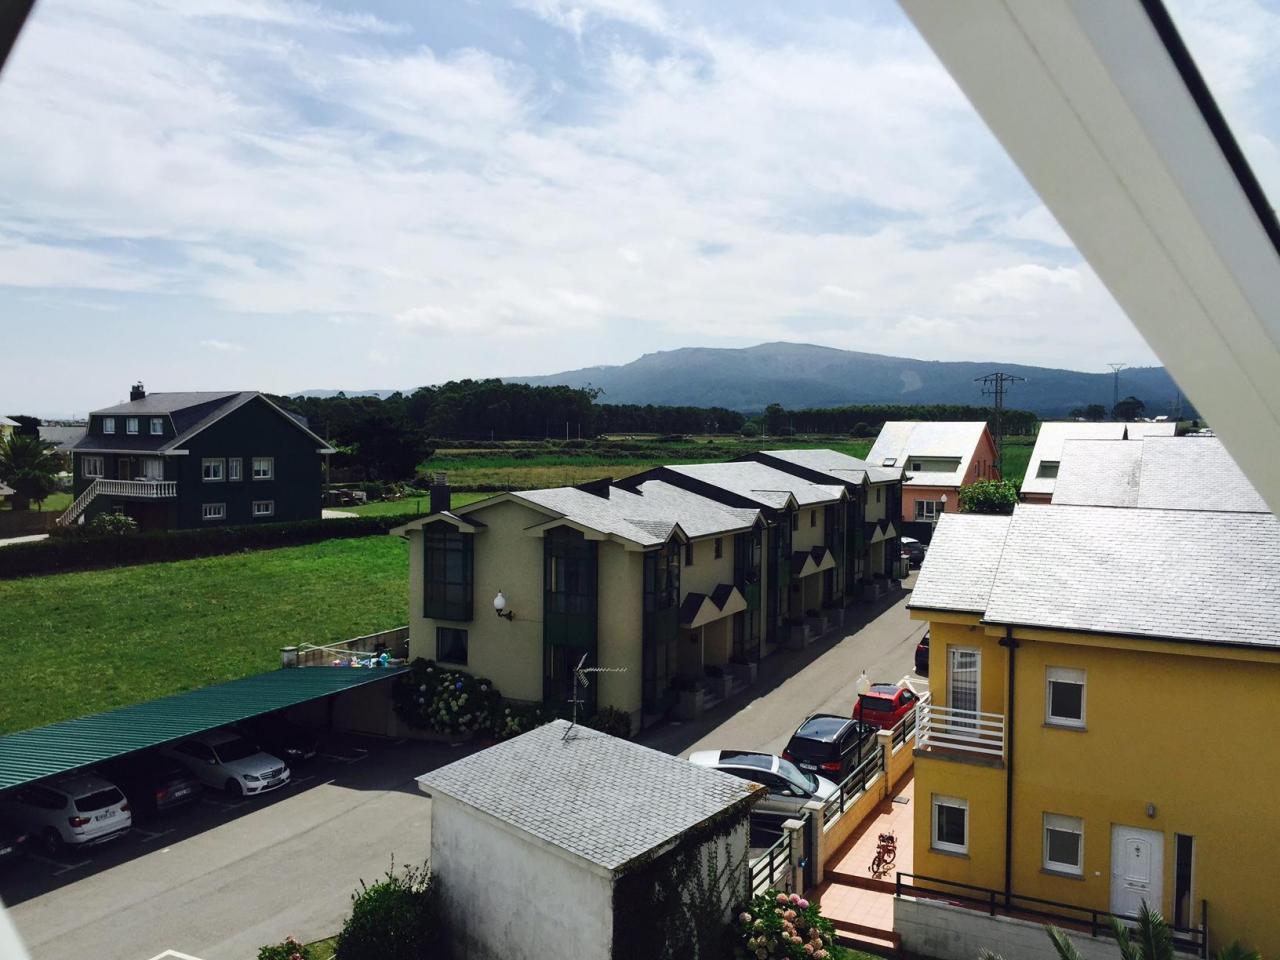 Alquiler vacacional Barreiros, Lugo